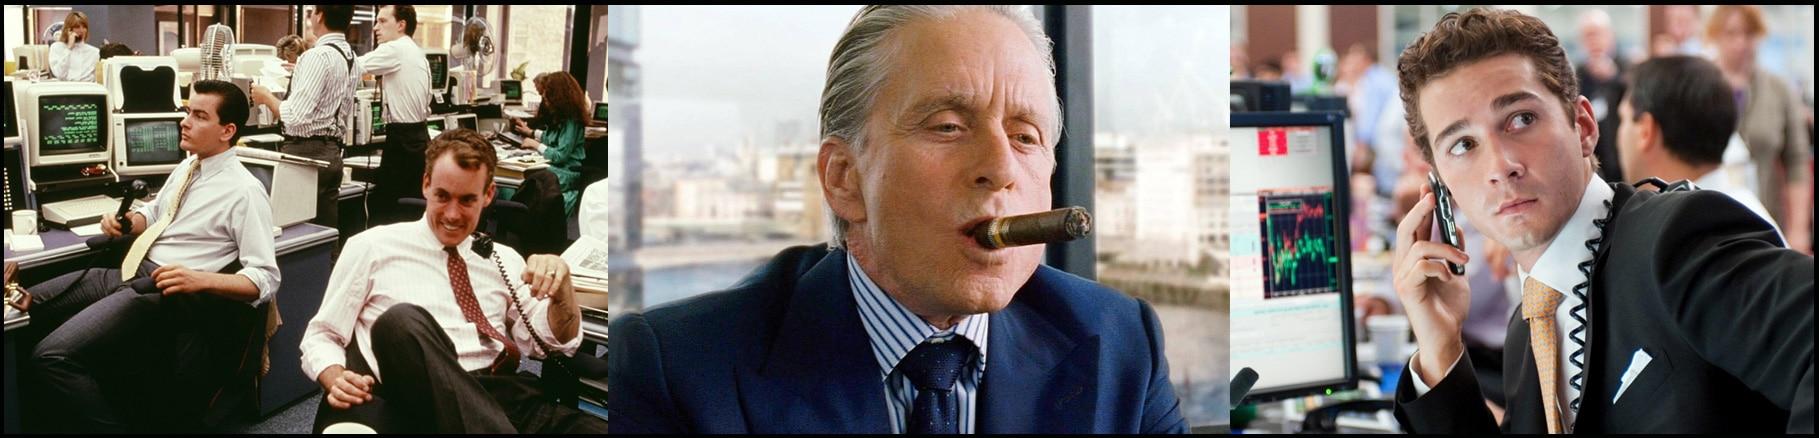 Wall Street Films